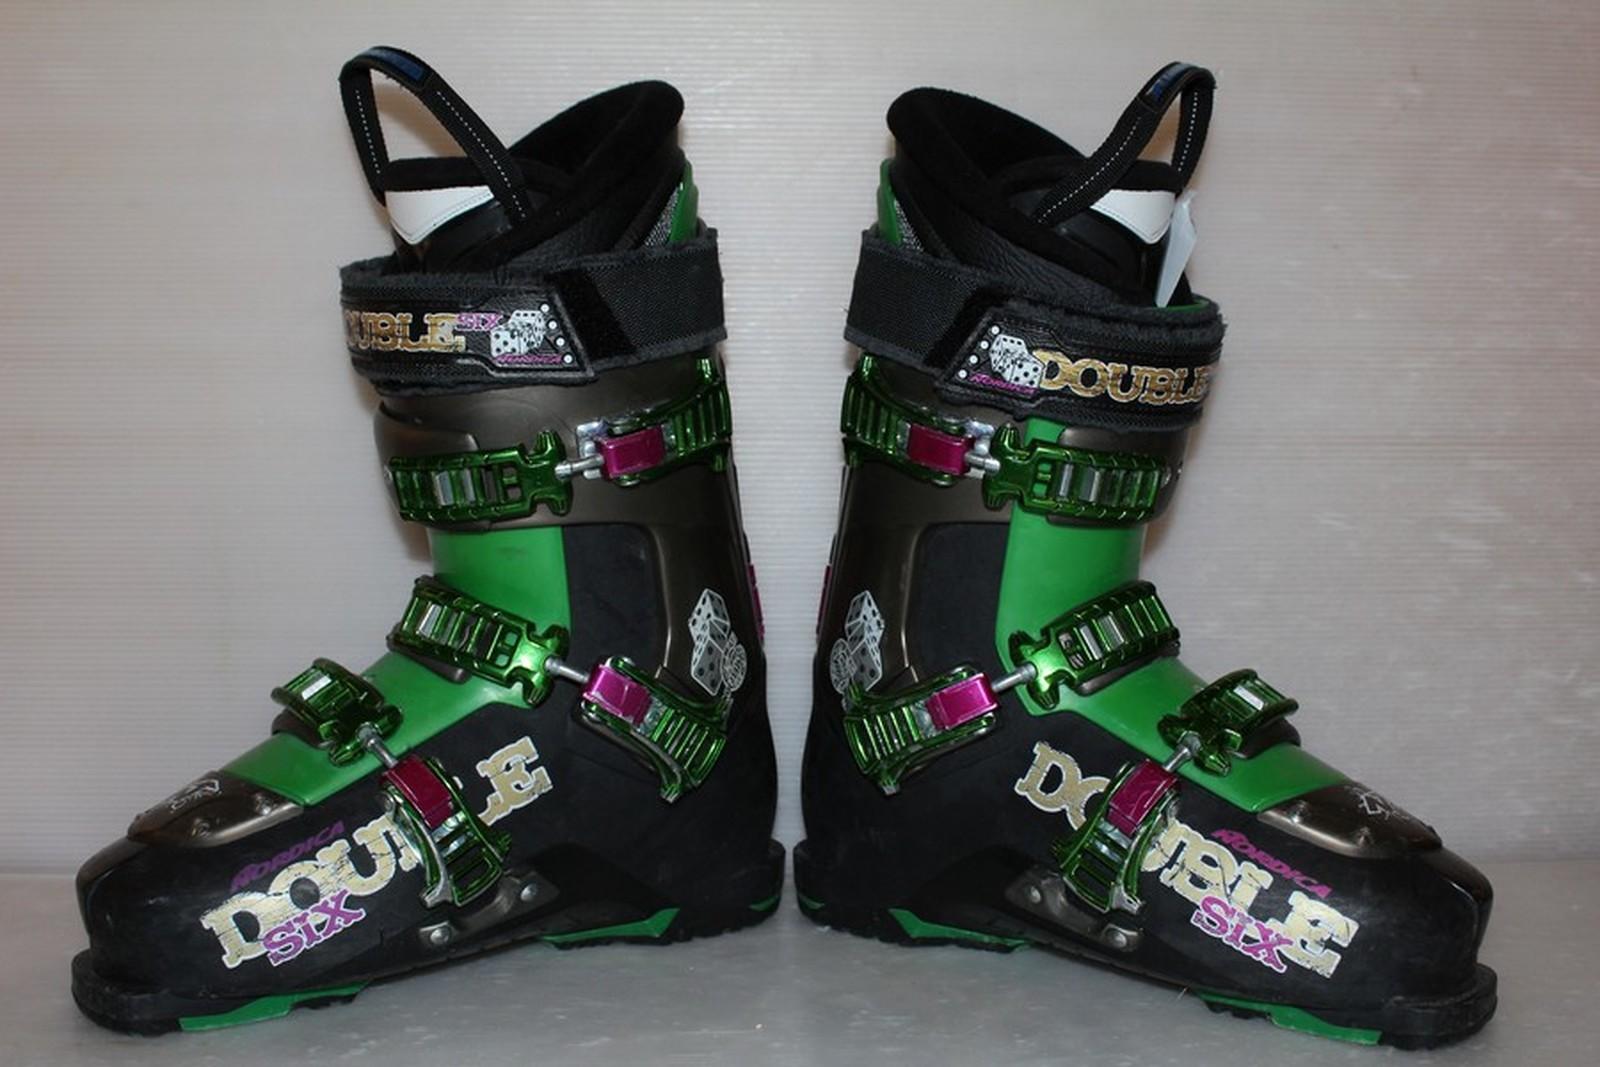 Lyžařské boty Nordica Double six vel. EU42.5